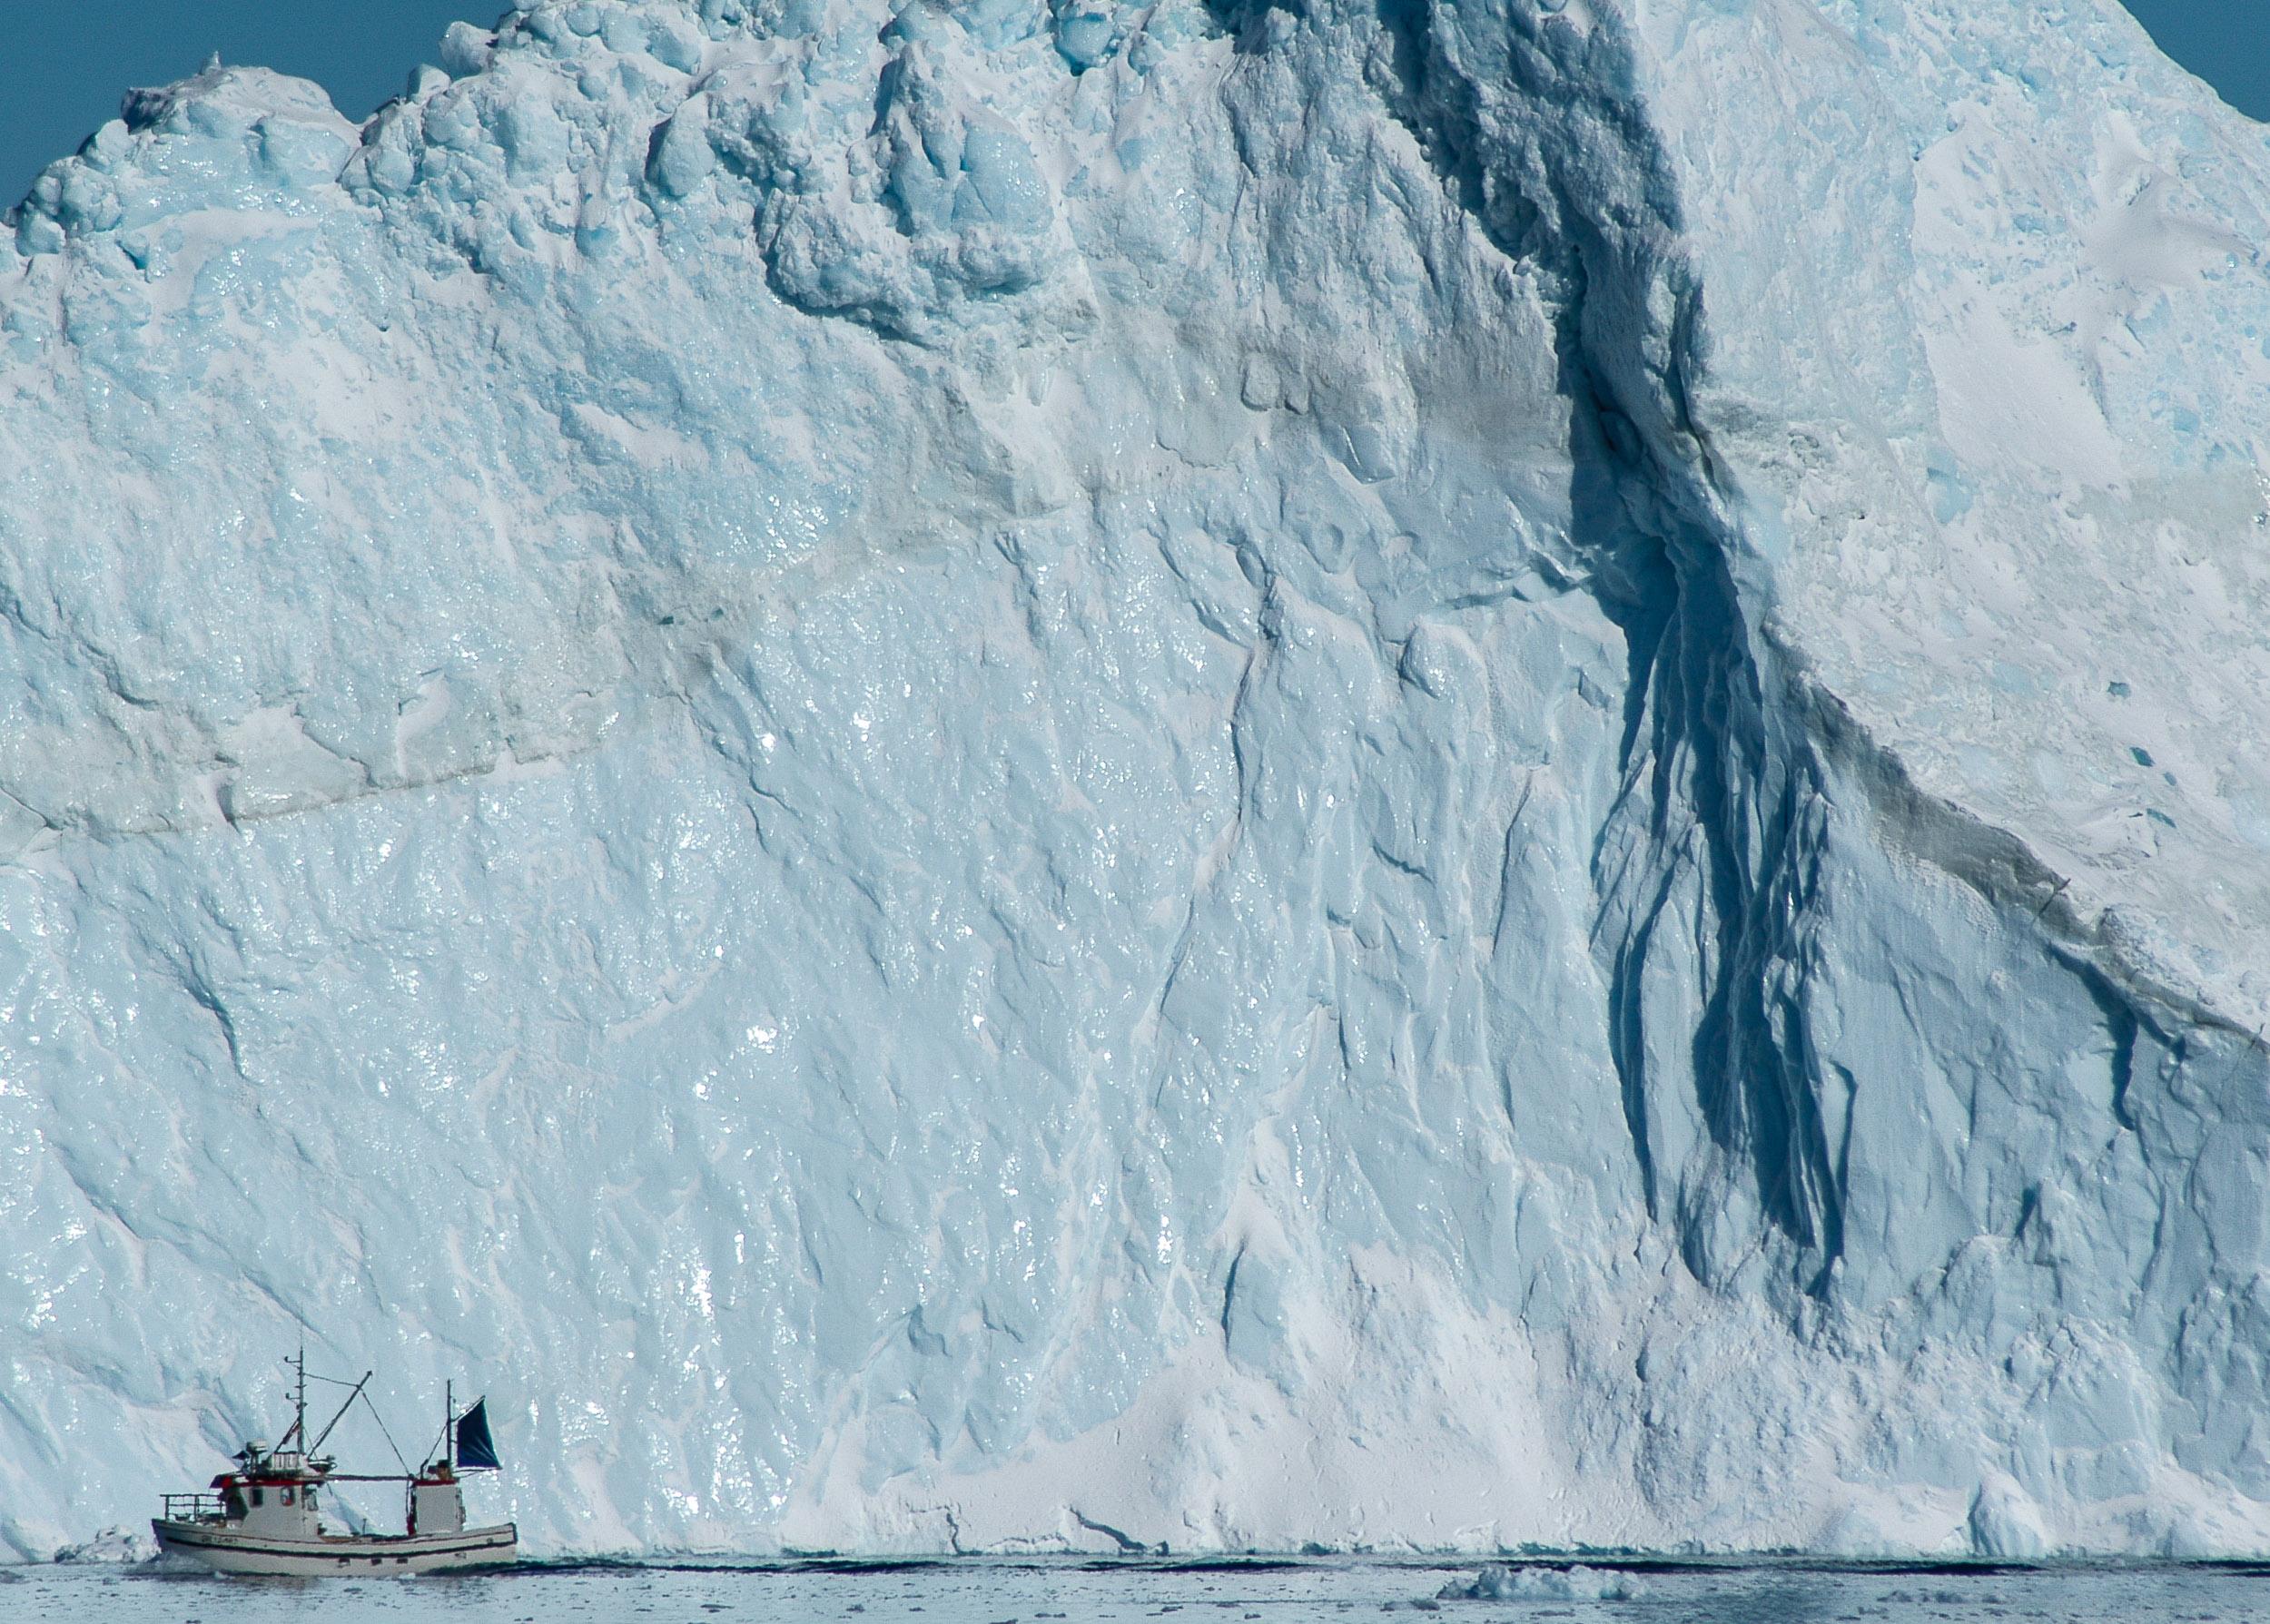 Icebergs Ilulissat Greenland JONAA©Kristjan Fridriksson-0121.jpg